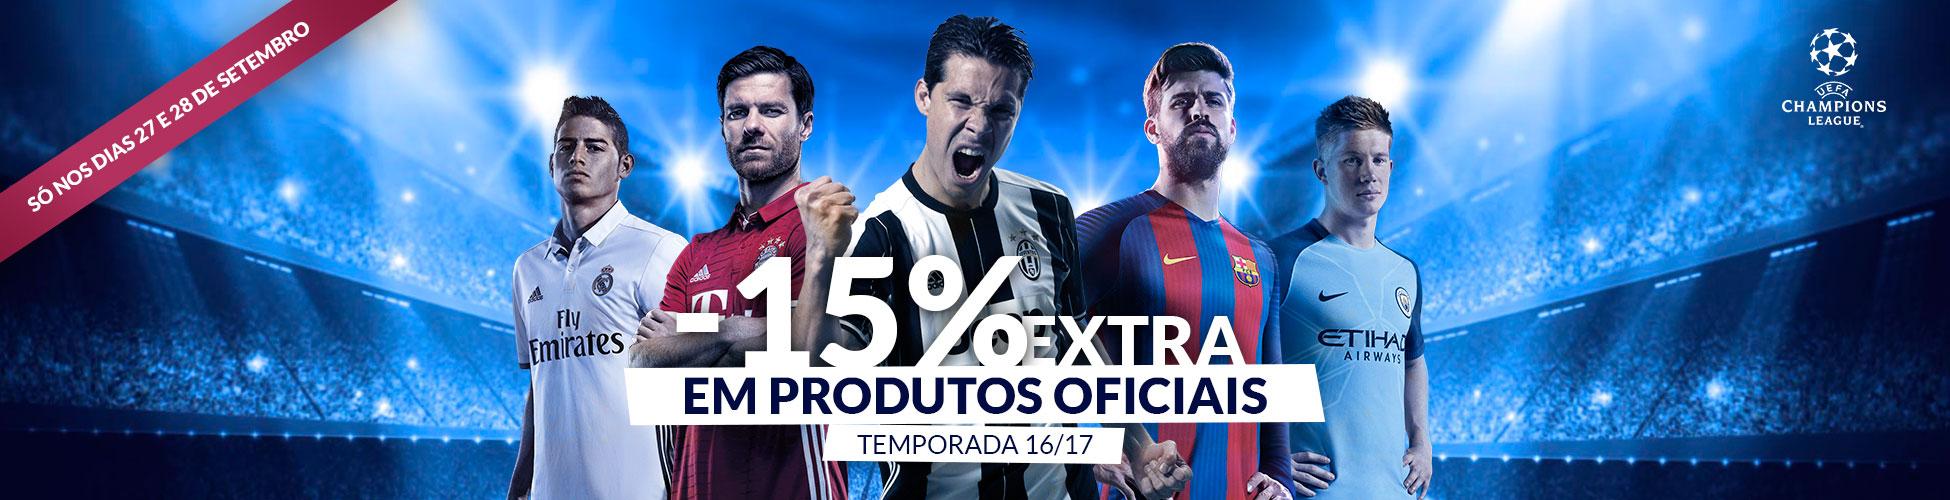 Descuento Champions 15% Septiembre PT